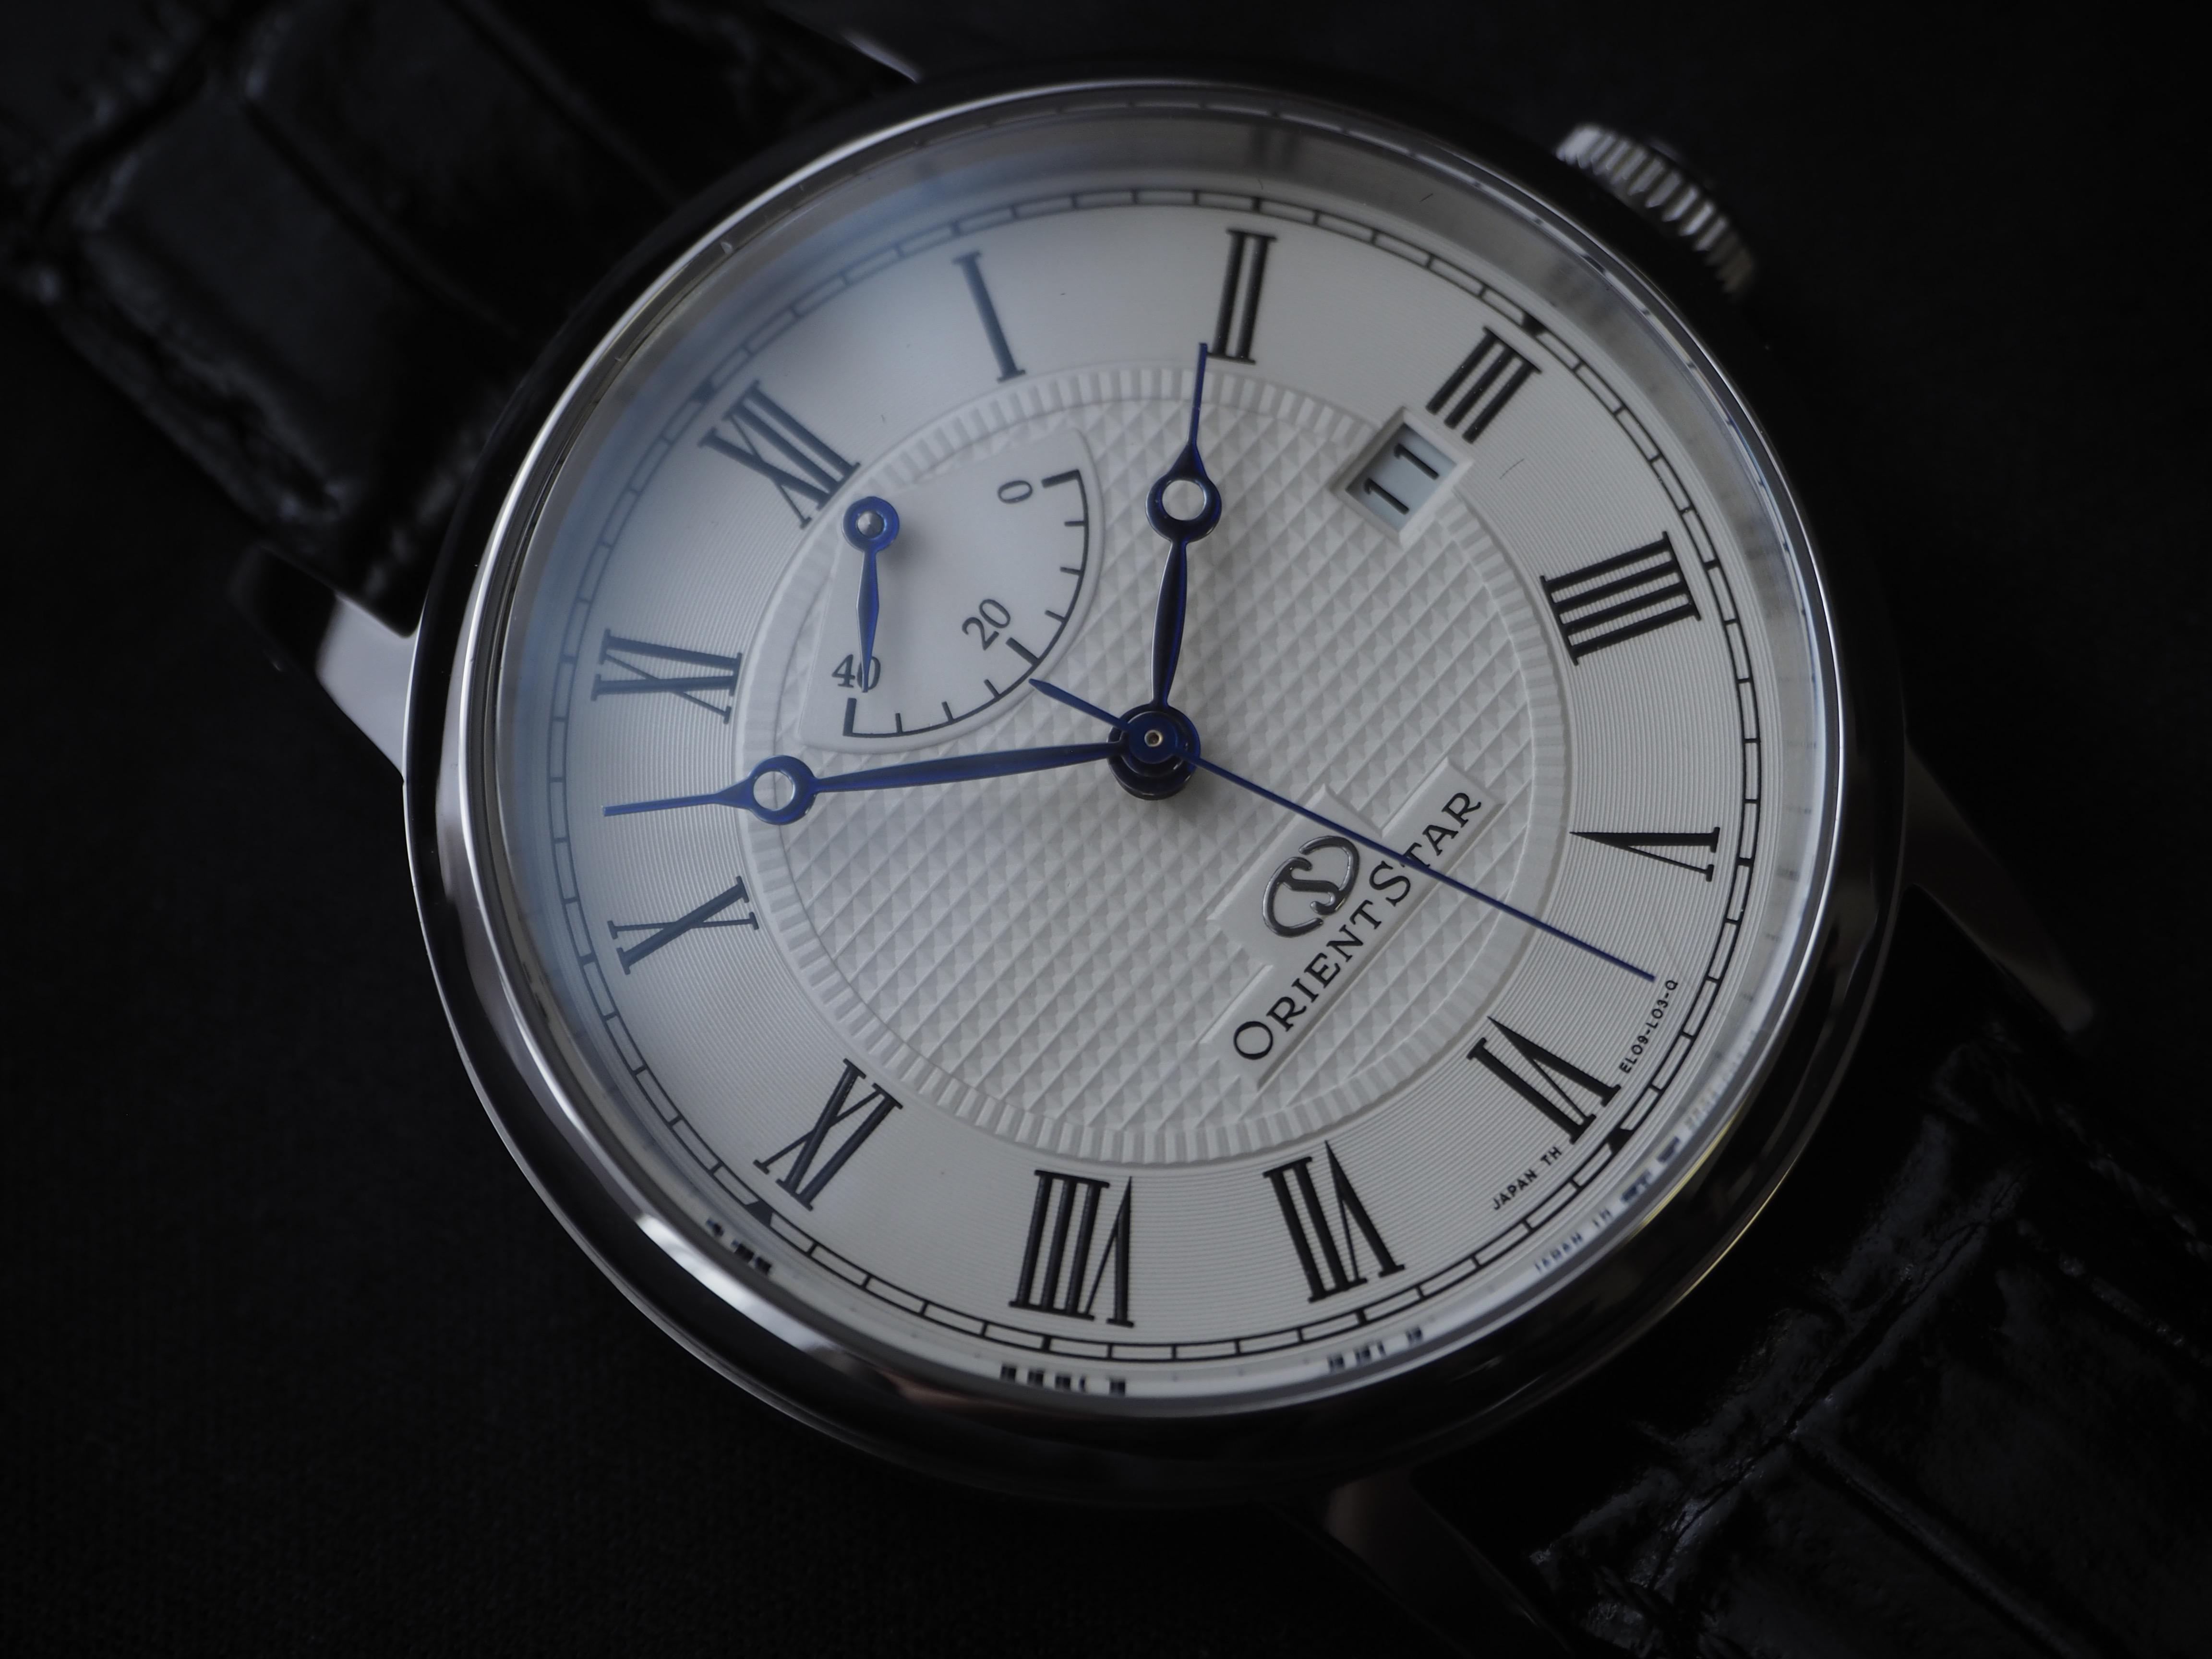 ふるさと納税で有名ブランドの腕時計が貰える!? …